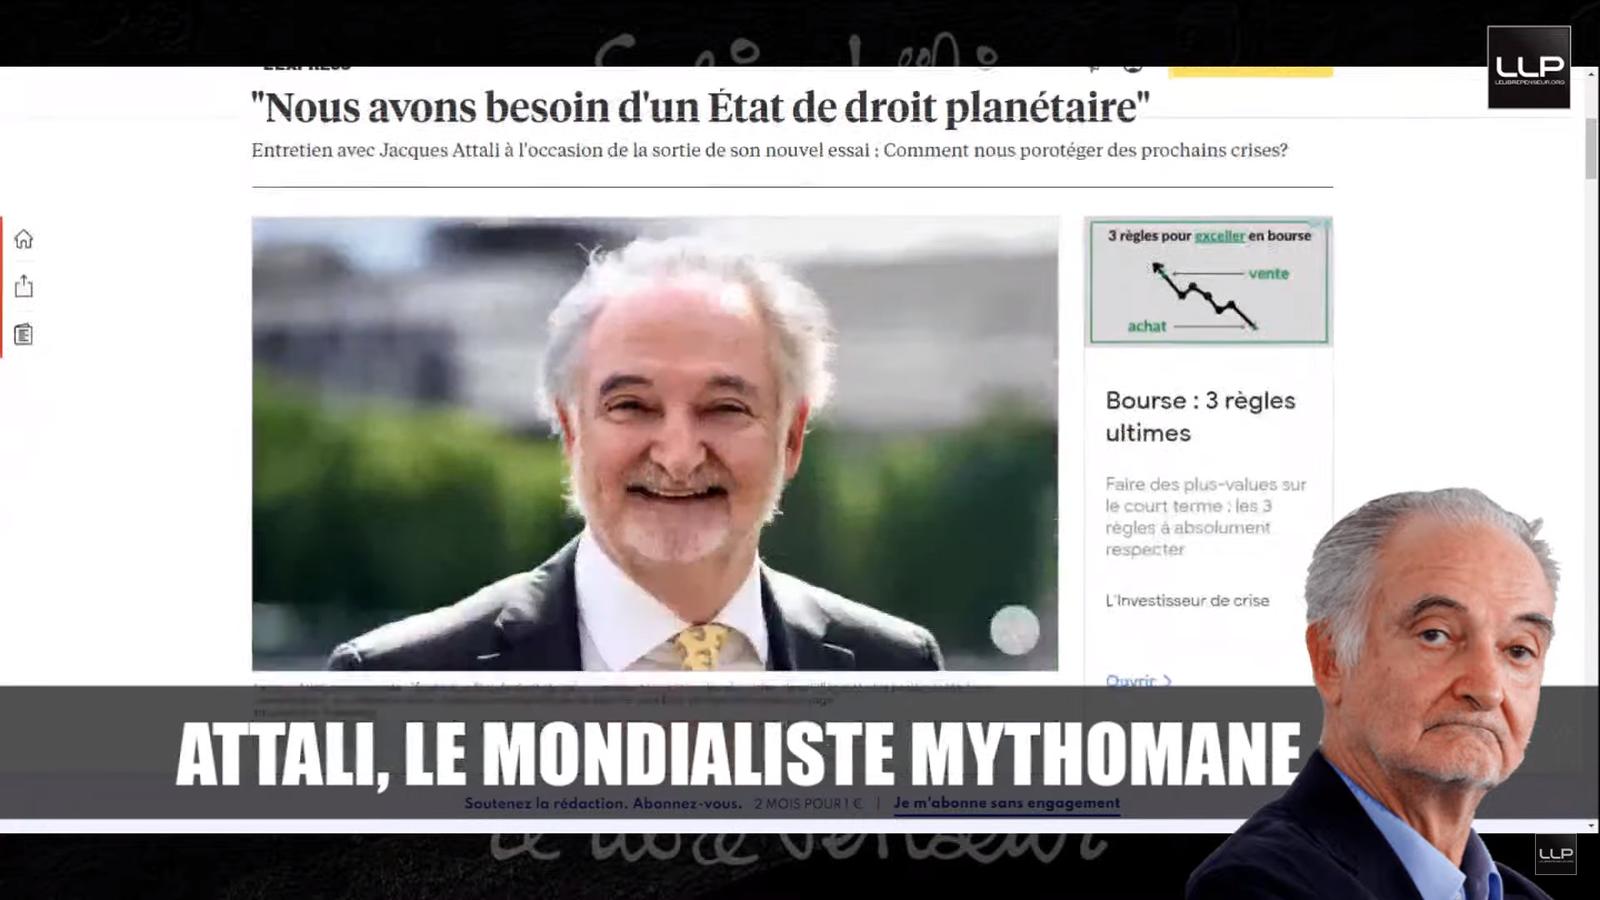 Jacques Attali et son étonnante volte-face